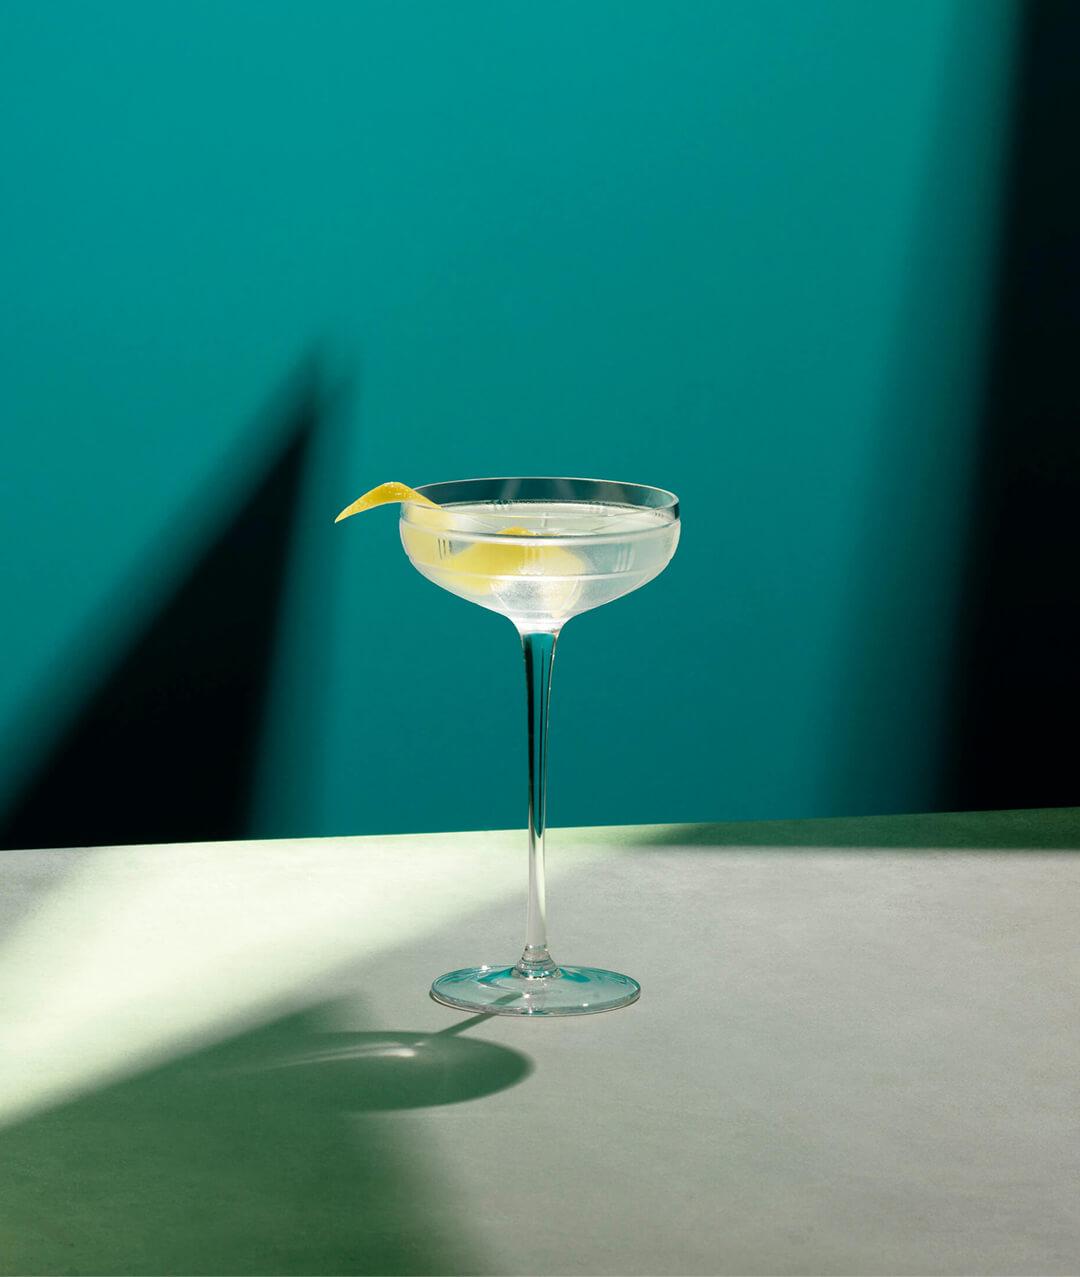 Botanical Dry alcohol-free Martini